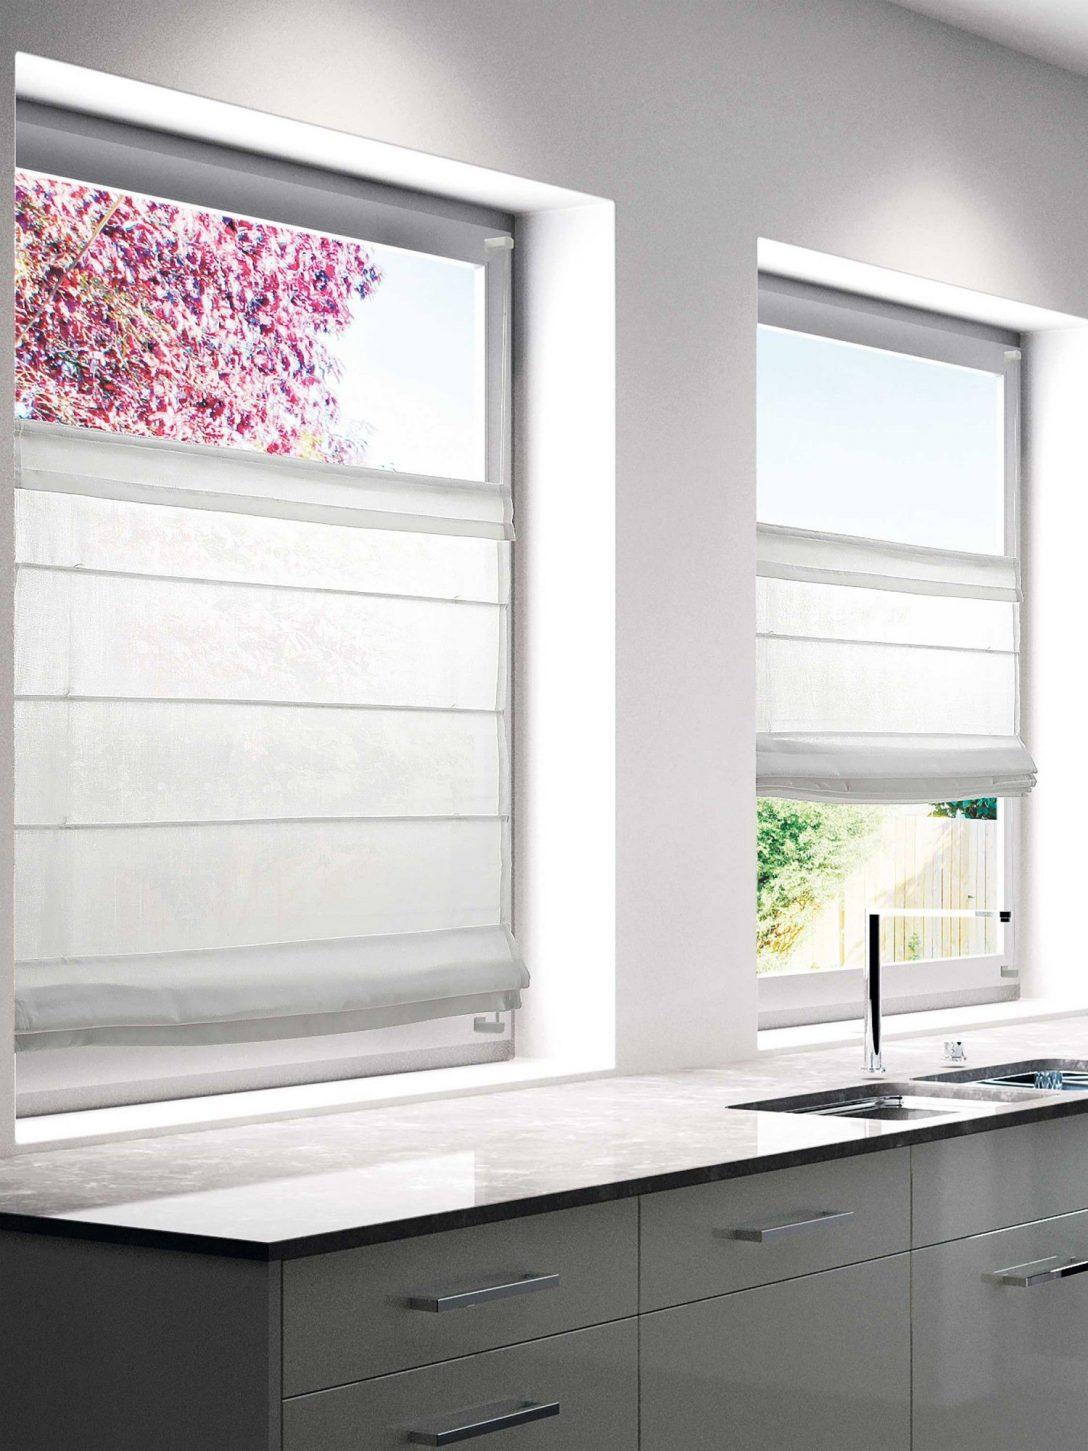 Large Size of Sichtschutz Fenster Window Covering Ideas Kchenfenster Gardinen Sonnenschutz Für Zwangsbelüftung Nachrüsten Drutex Mit Rolladen Tauschen Plissee Fenster Sichtschutz Fenster